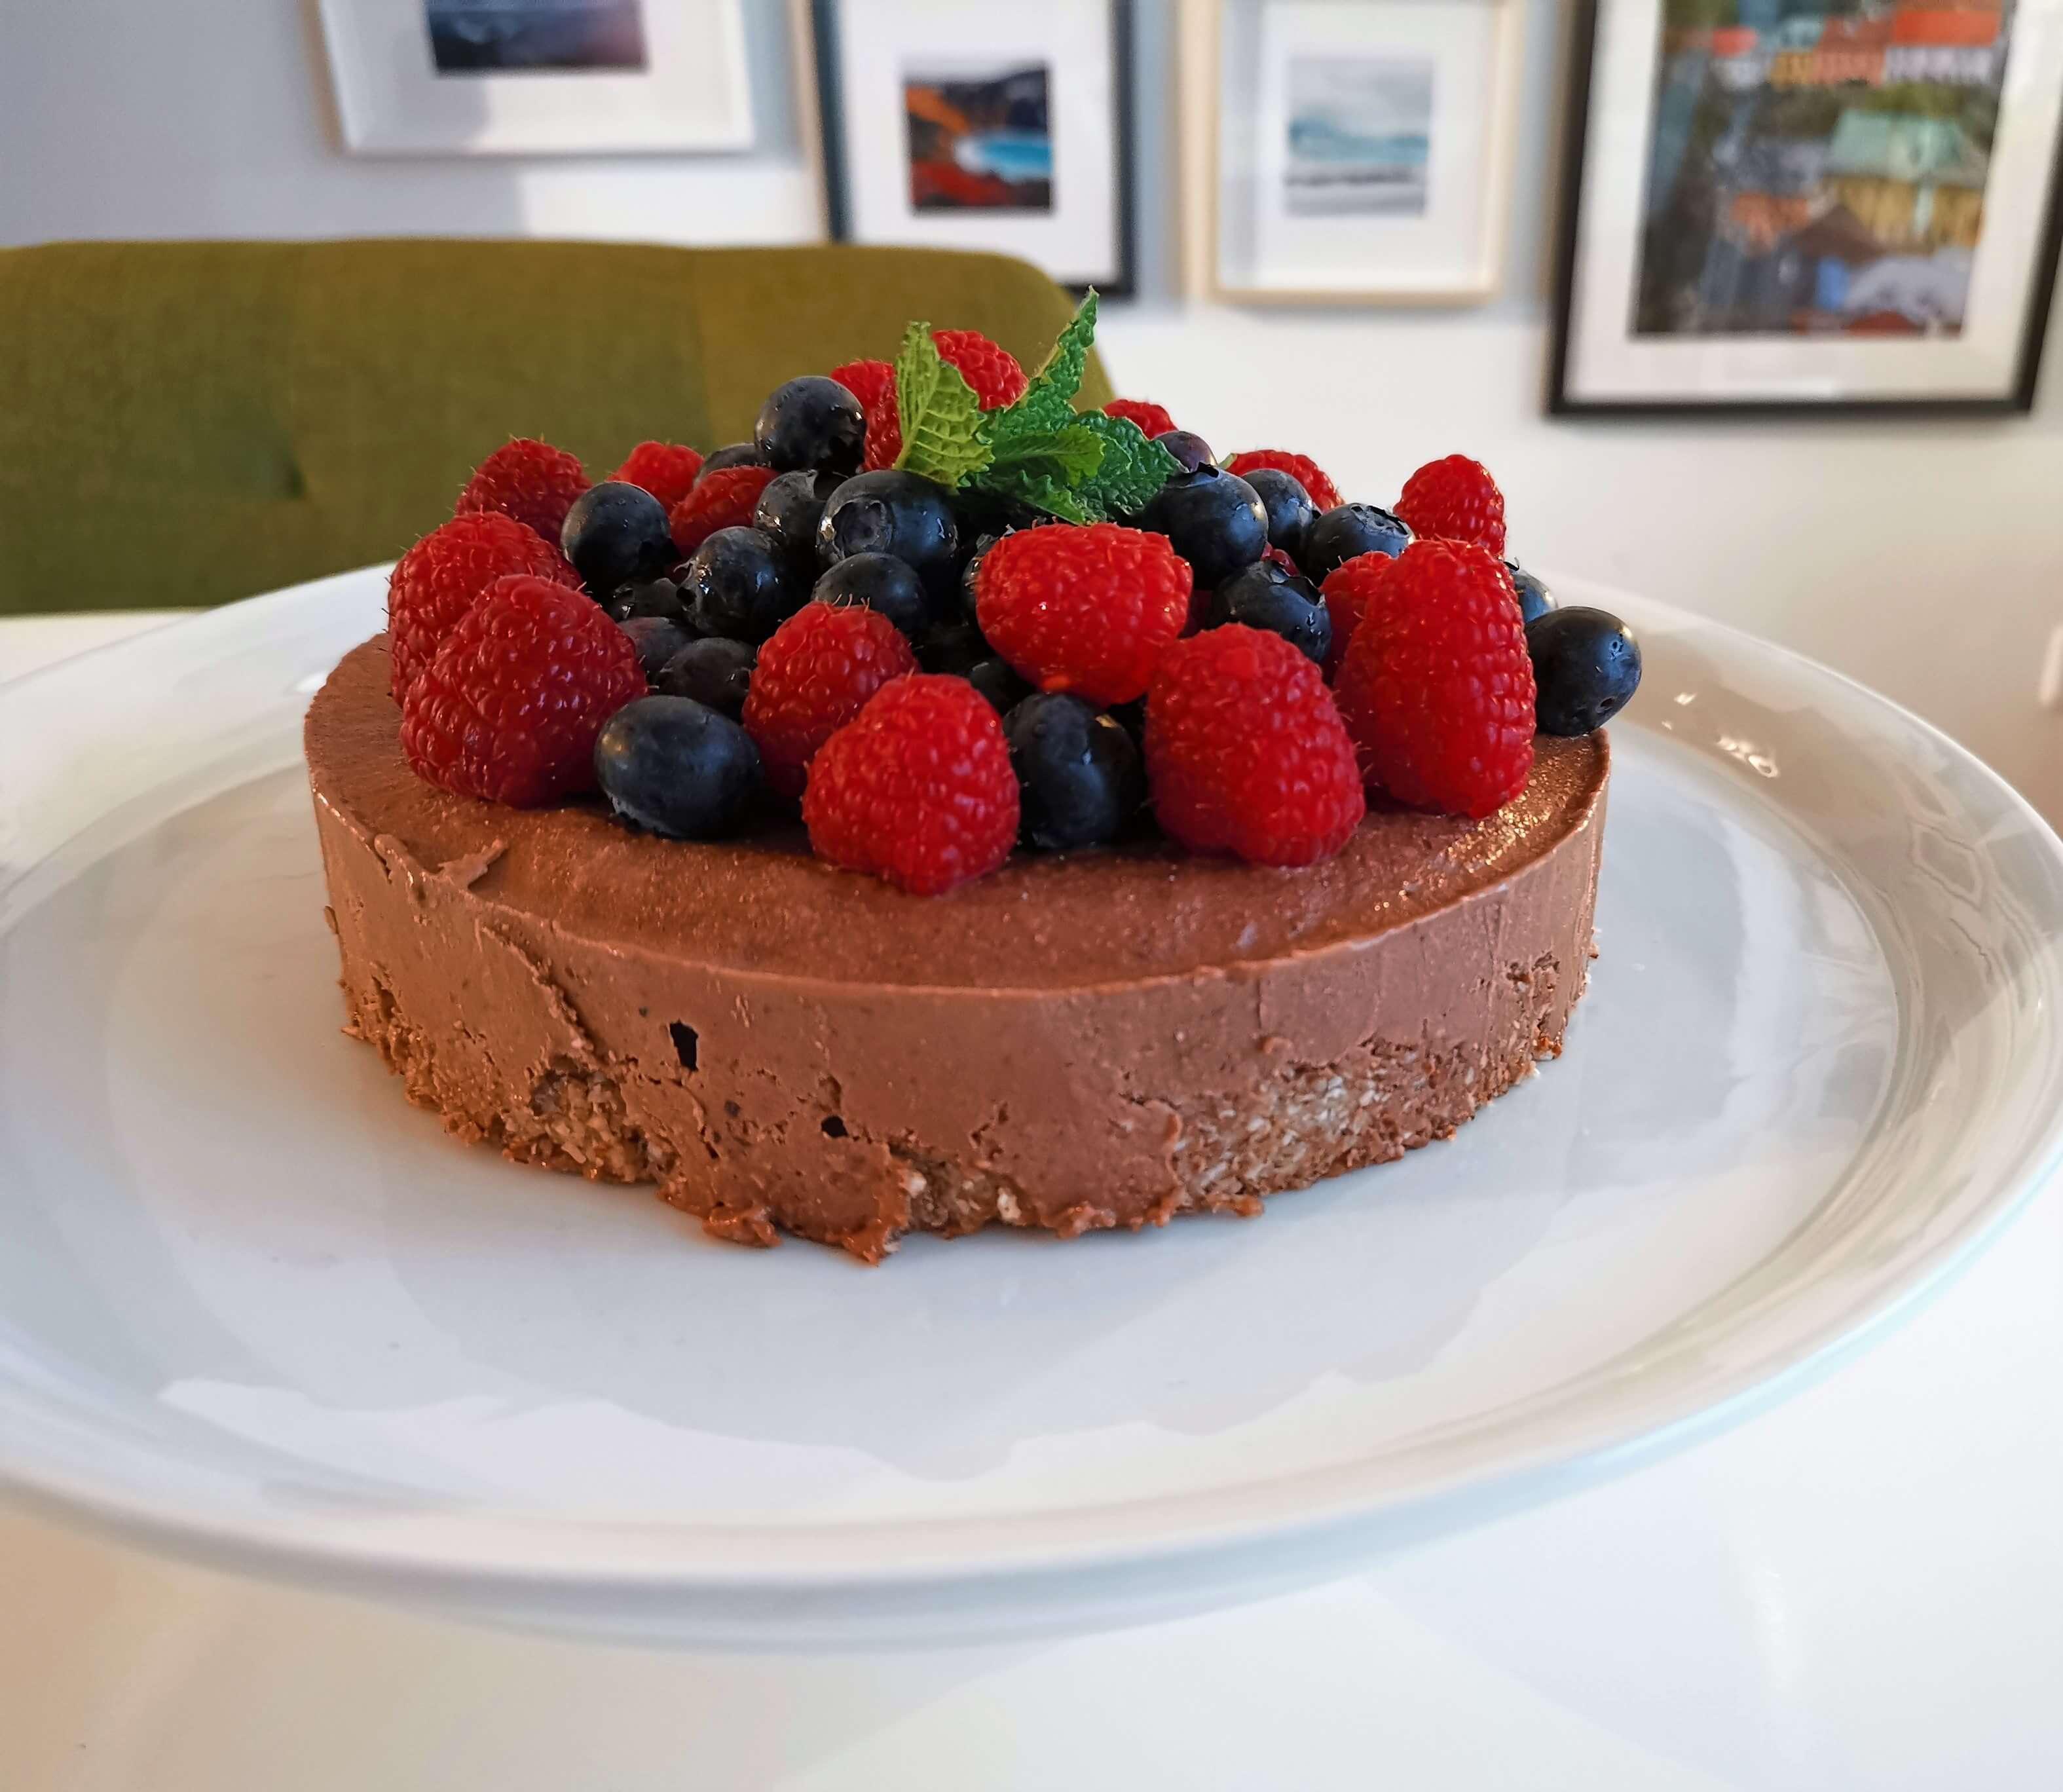 IMG 20190422 181631 - Sündigen ohne Reue – RAW-Cake ohne Zucker und Mehl